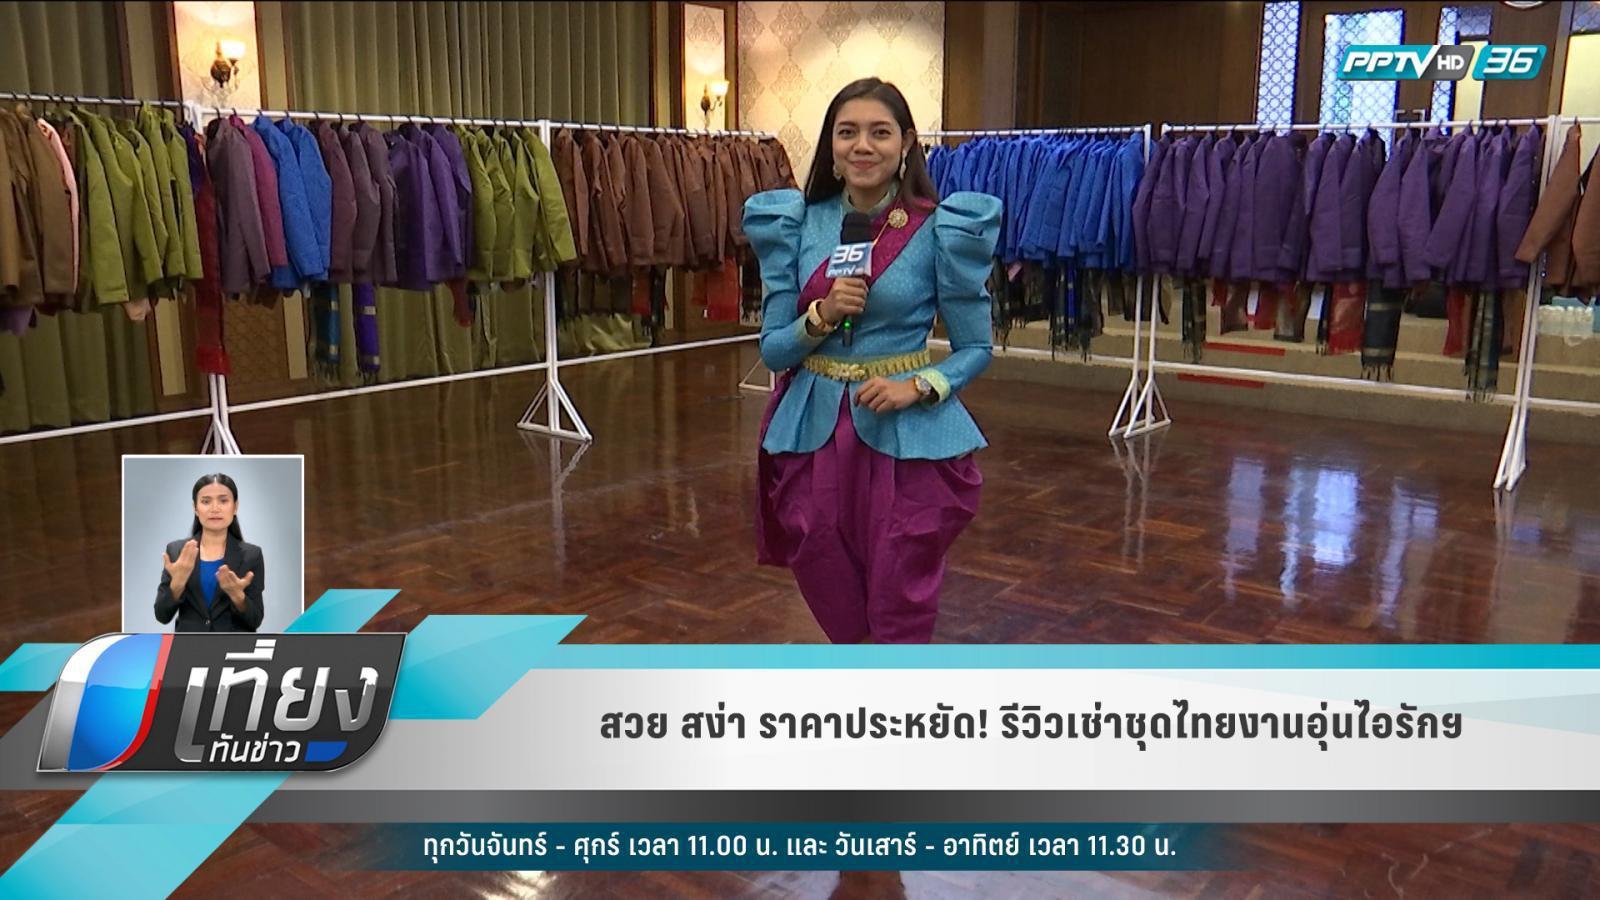 สวย สง่า ราคาประหยัด! รีวิวเช่าชุดไทยงานอุ่นไอรักฯ